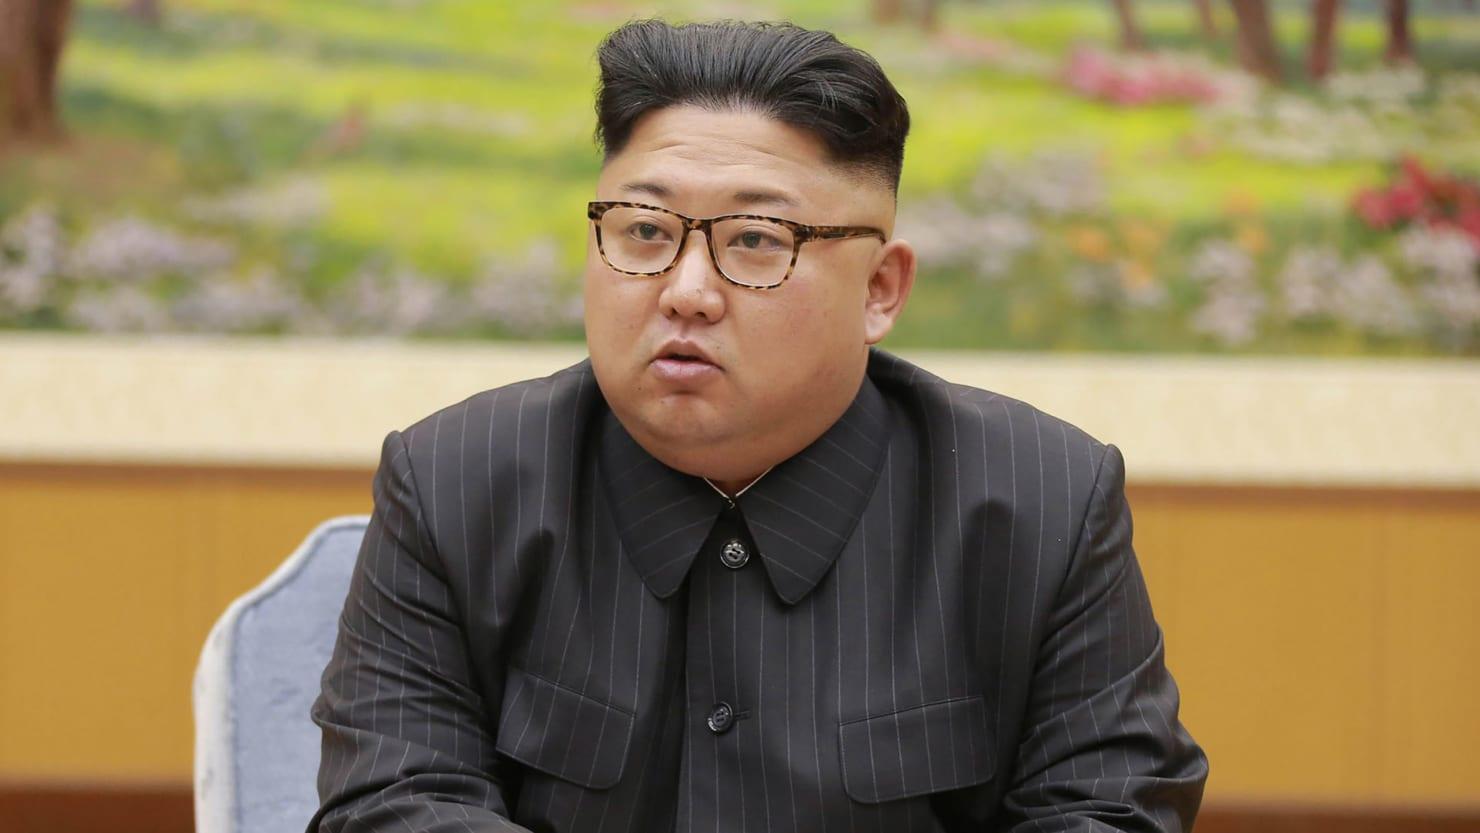 180306-kirk-north-south-korea-hero_kehnt3